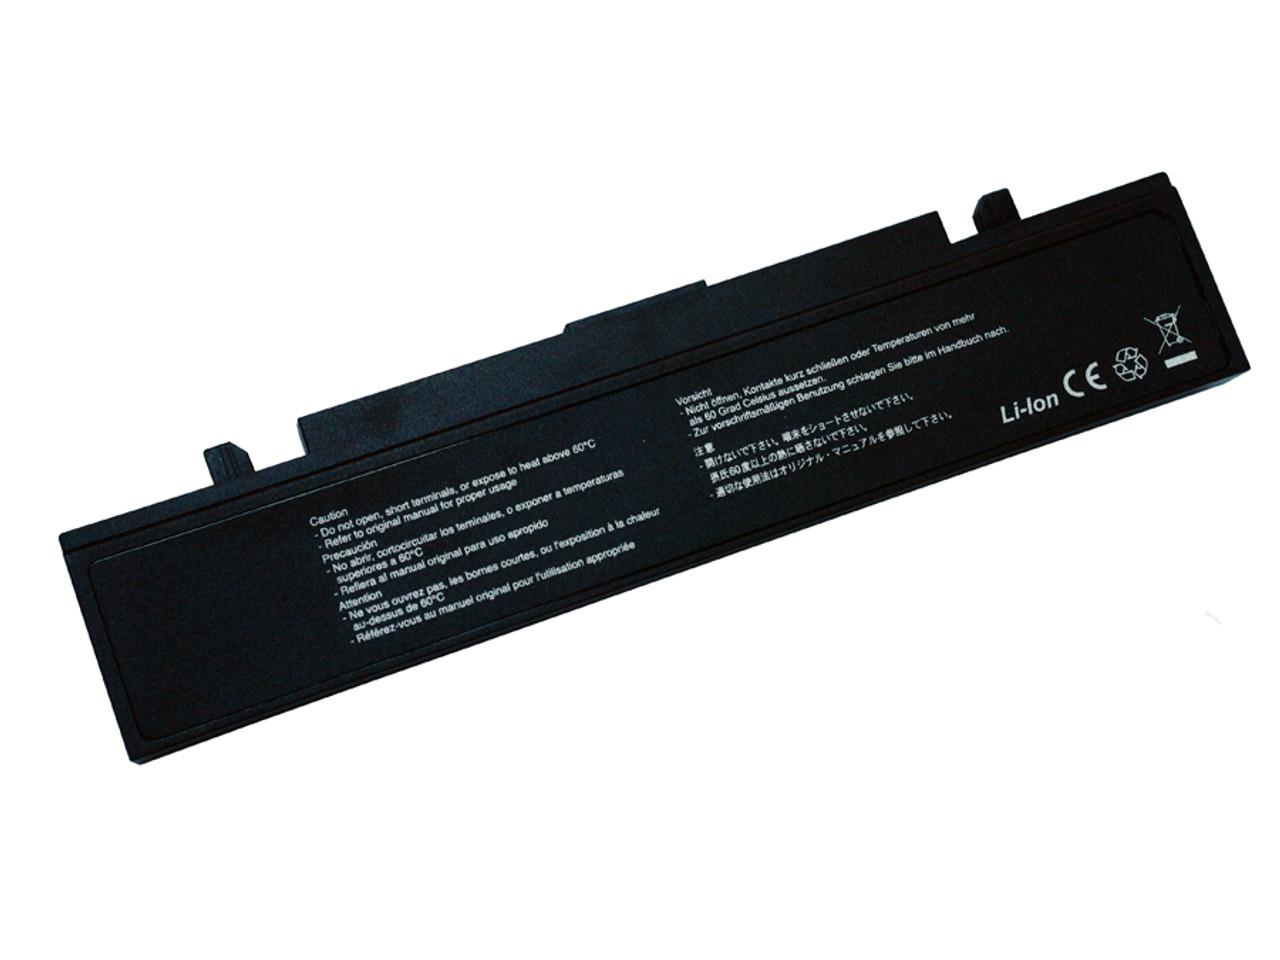 Samsung M60 P50 R40 R45 R65 R70 X60 battery